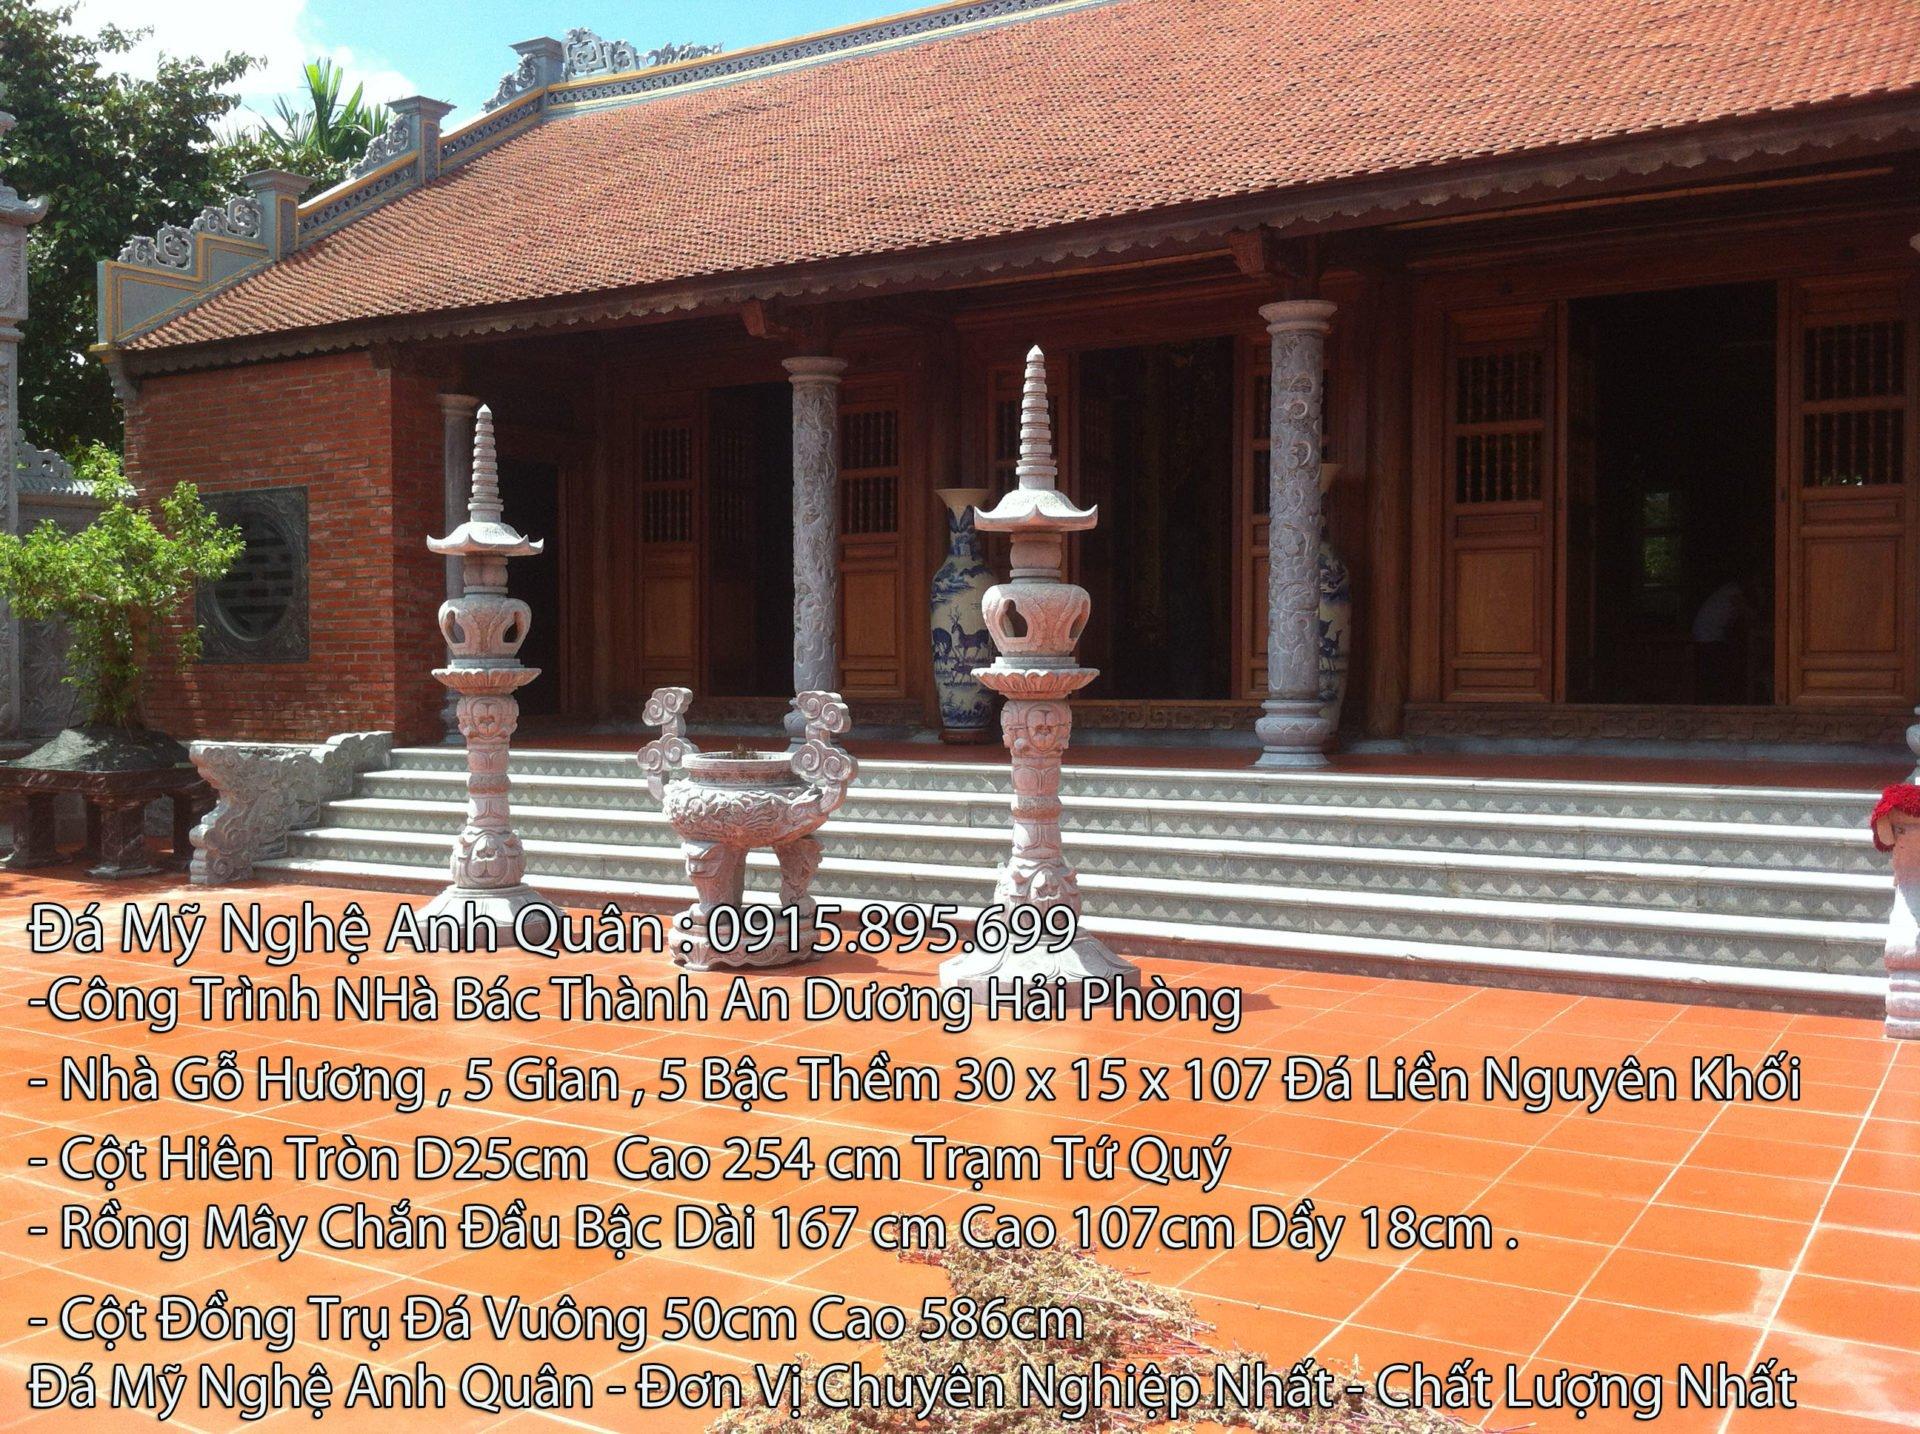 Bậc thềm đá, mẫu bậc thềm đá, công trình nhà Bác Thành An Dương - Hải Phòng, là Nhà thờ họ gỗ Hương 5 gian, có 5 bậc thềm đá 30x15x107 Đá liền nguyên khối. Cột đá nhà thờ là cột Hiên tròn D25cm cao 254cm Trạm Tứ Quý. Rồng may chắn đầu Bậc dài 167cm cao 107cm và dầy 18cm. Nhà thờ còn sử dụng Cột đồng trụ đá (cột đồng trụ đá vuông) 50cm và cao 586cm. Mọi chi tiết xin liên hệ Đá mỹ nghệ Anh Quân - Mộ đá cao cấp Anh Quân điện thoại 0915.895.699 - Đơn vị chuyên nghiệp nhất, chất lượng nhất cho Giá trị bền vững mai sau.